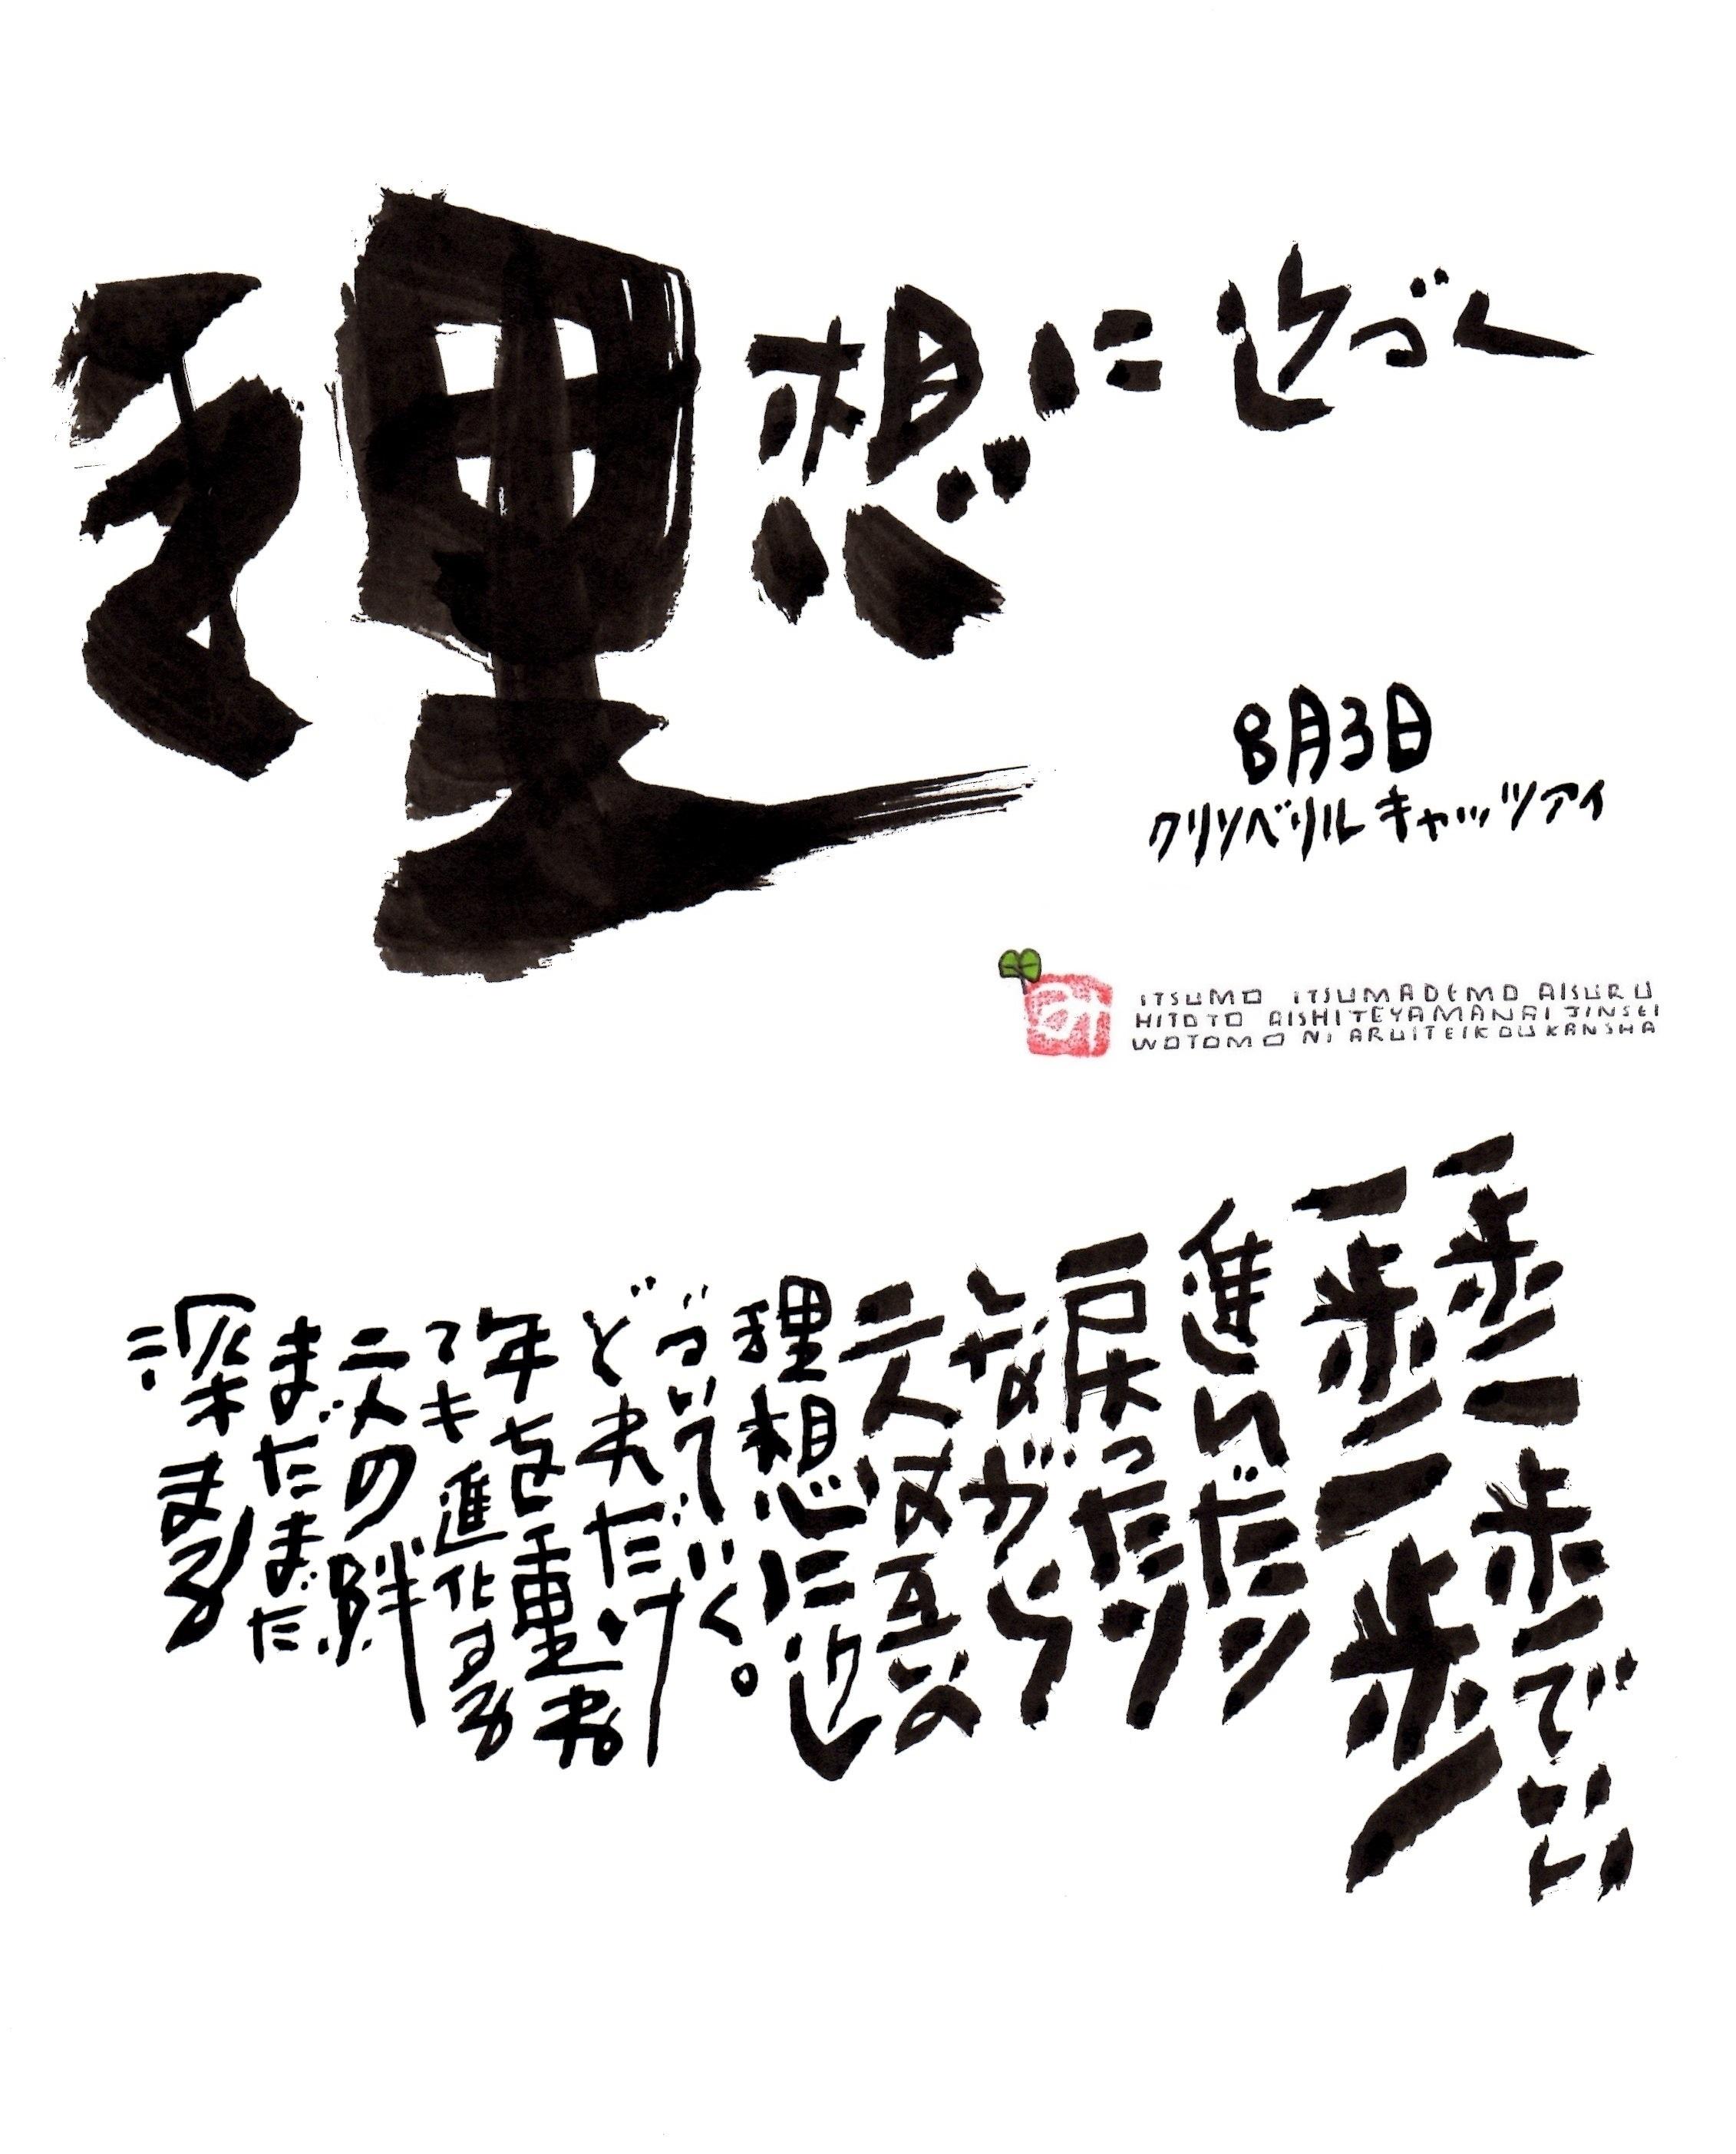 8月3日 結婚記念日ポストカード【理想に近づく】